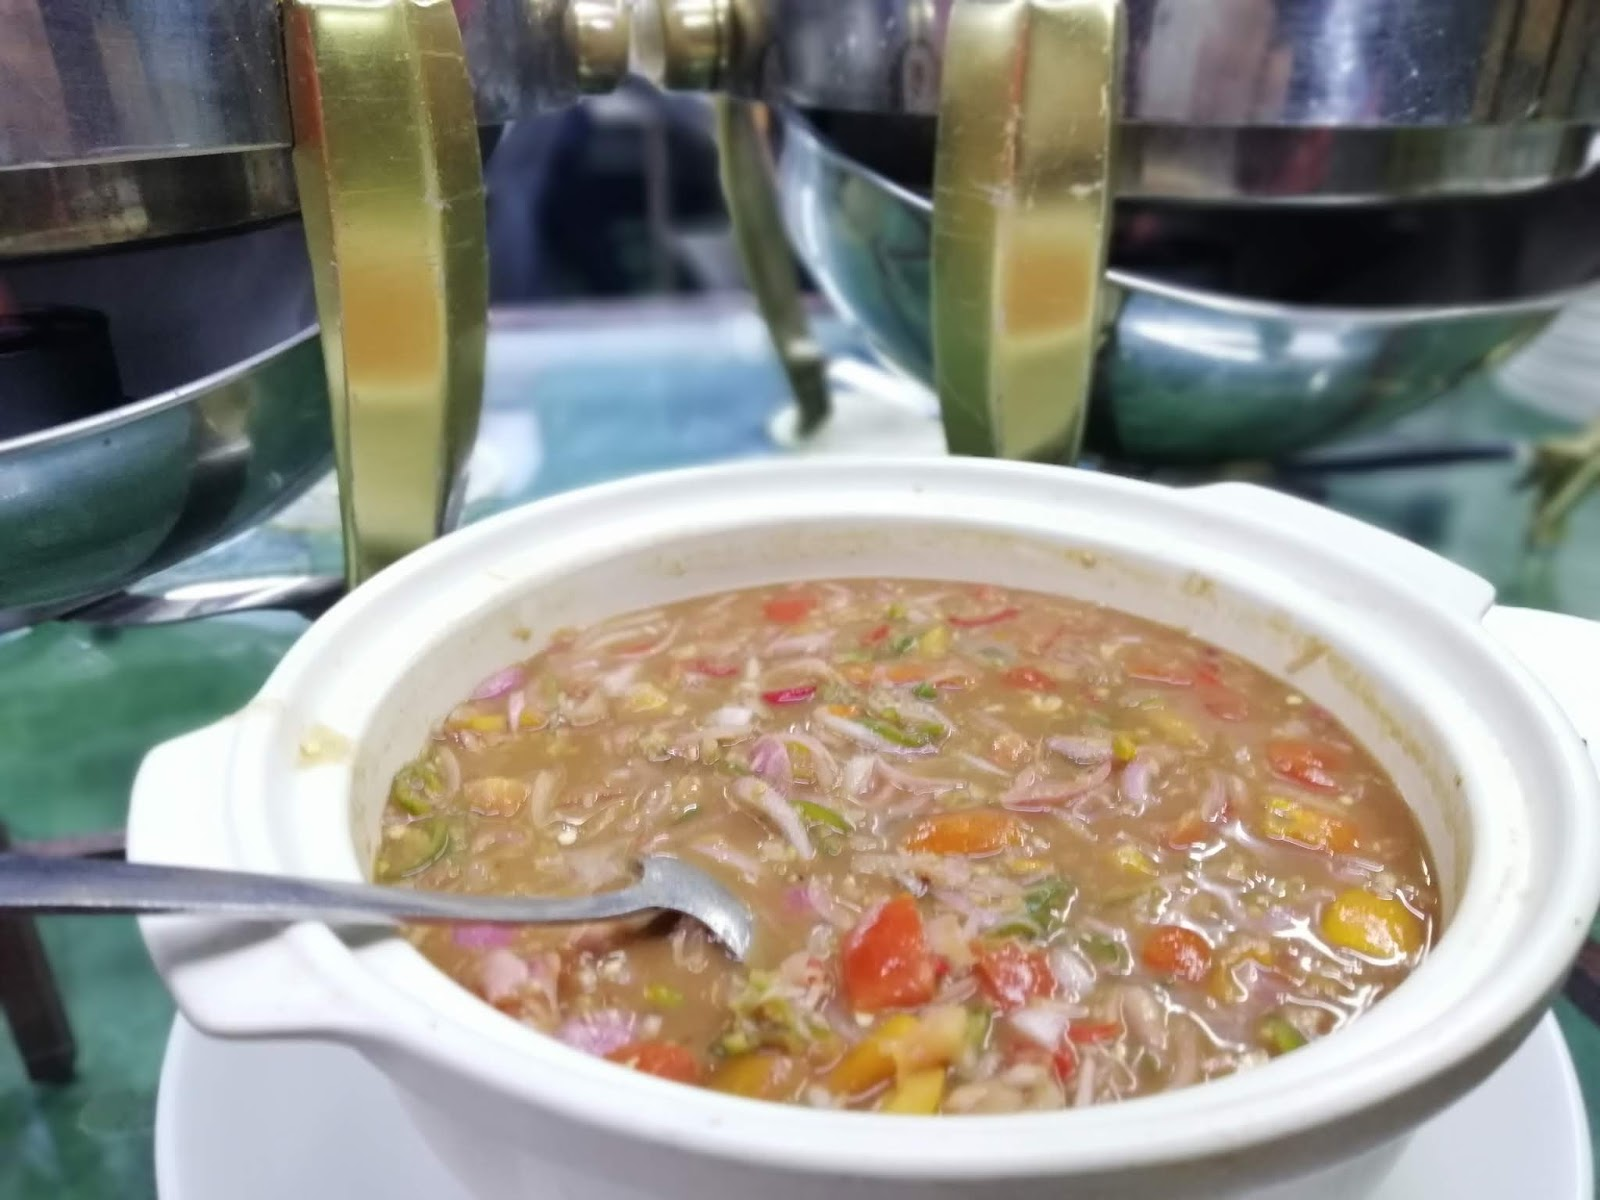 buffet ramadan ipoh, buffet below rm60, buffet buka puasa, menu berbuka puasa, tempat sedap buka puasa ipoh